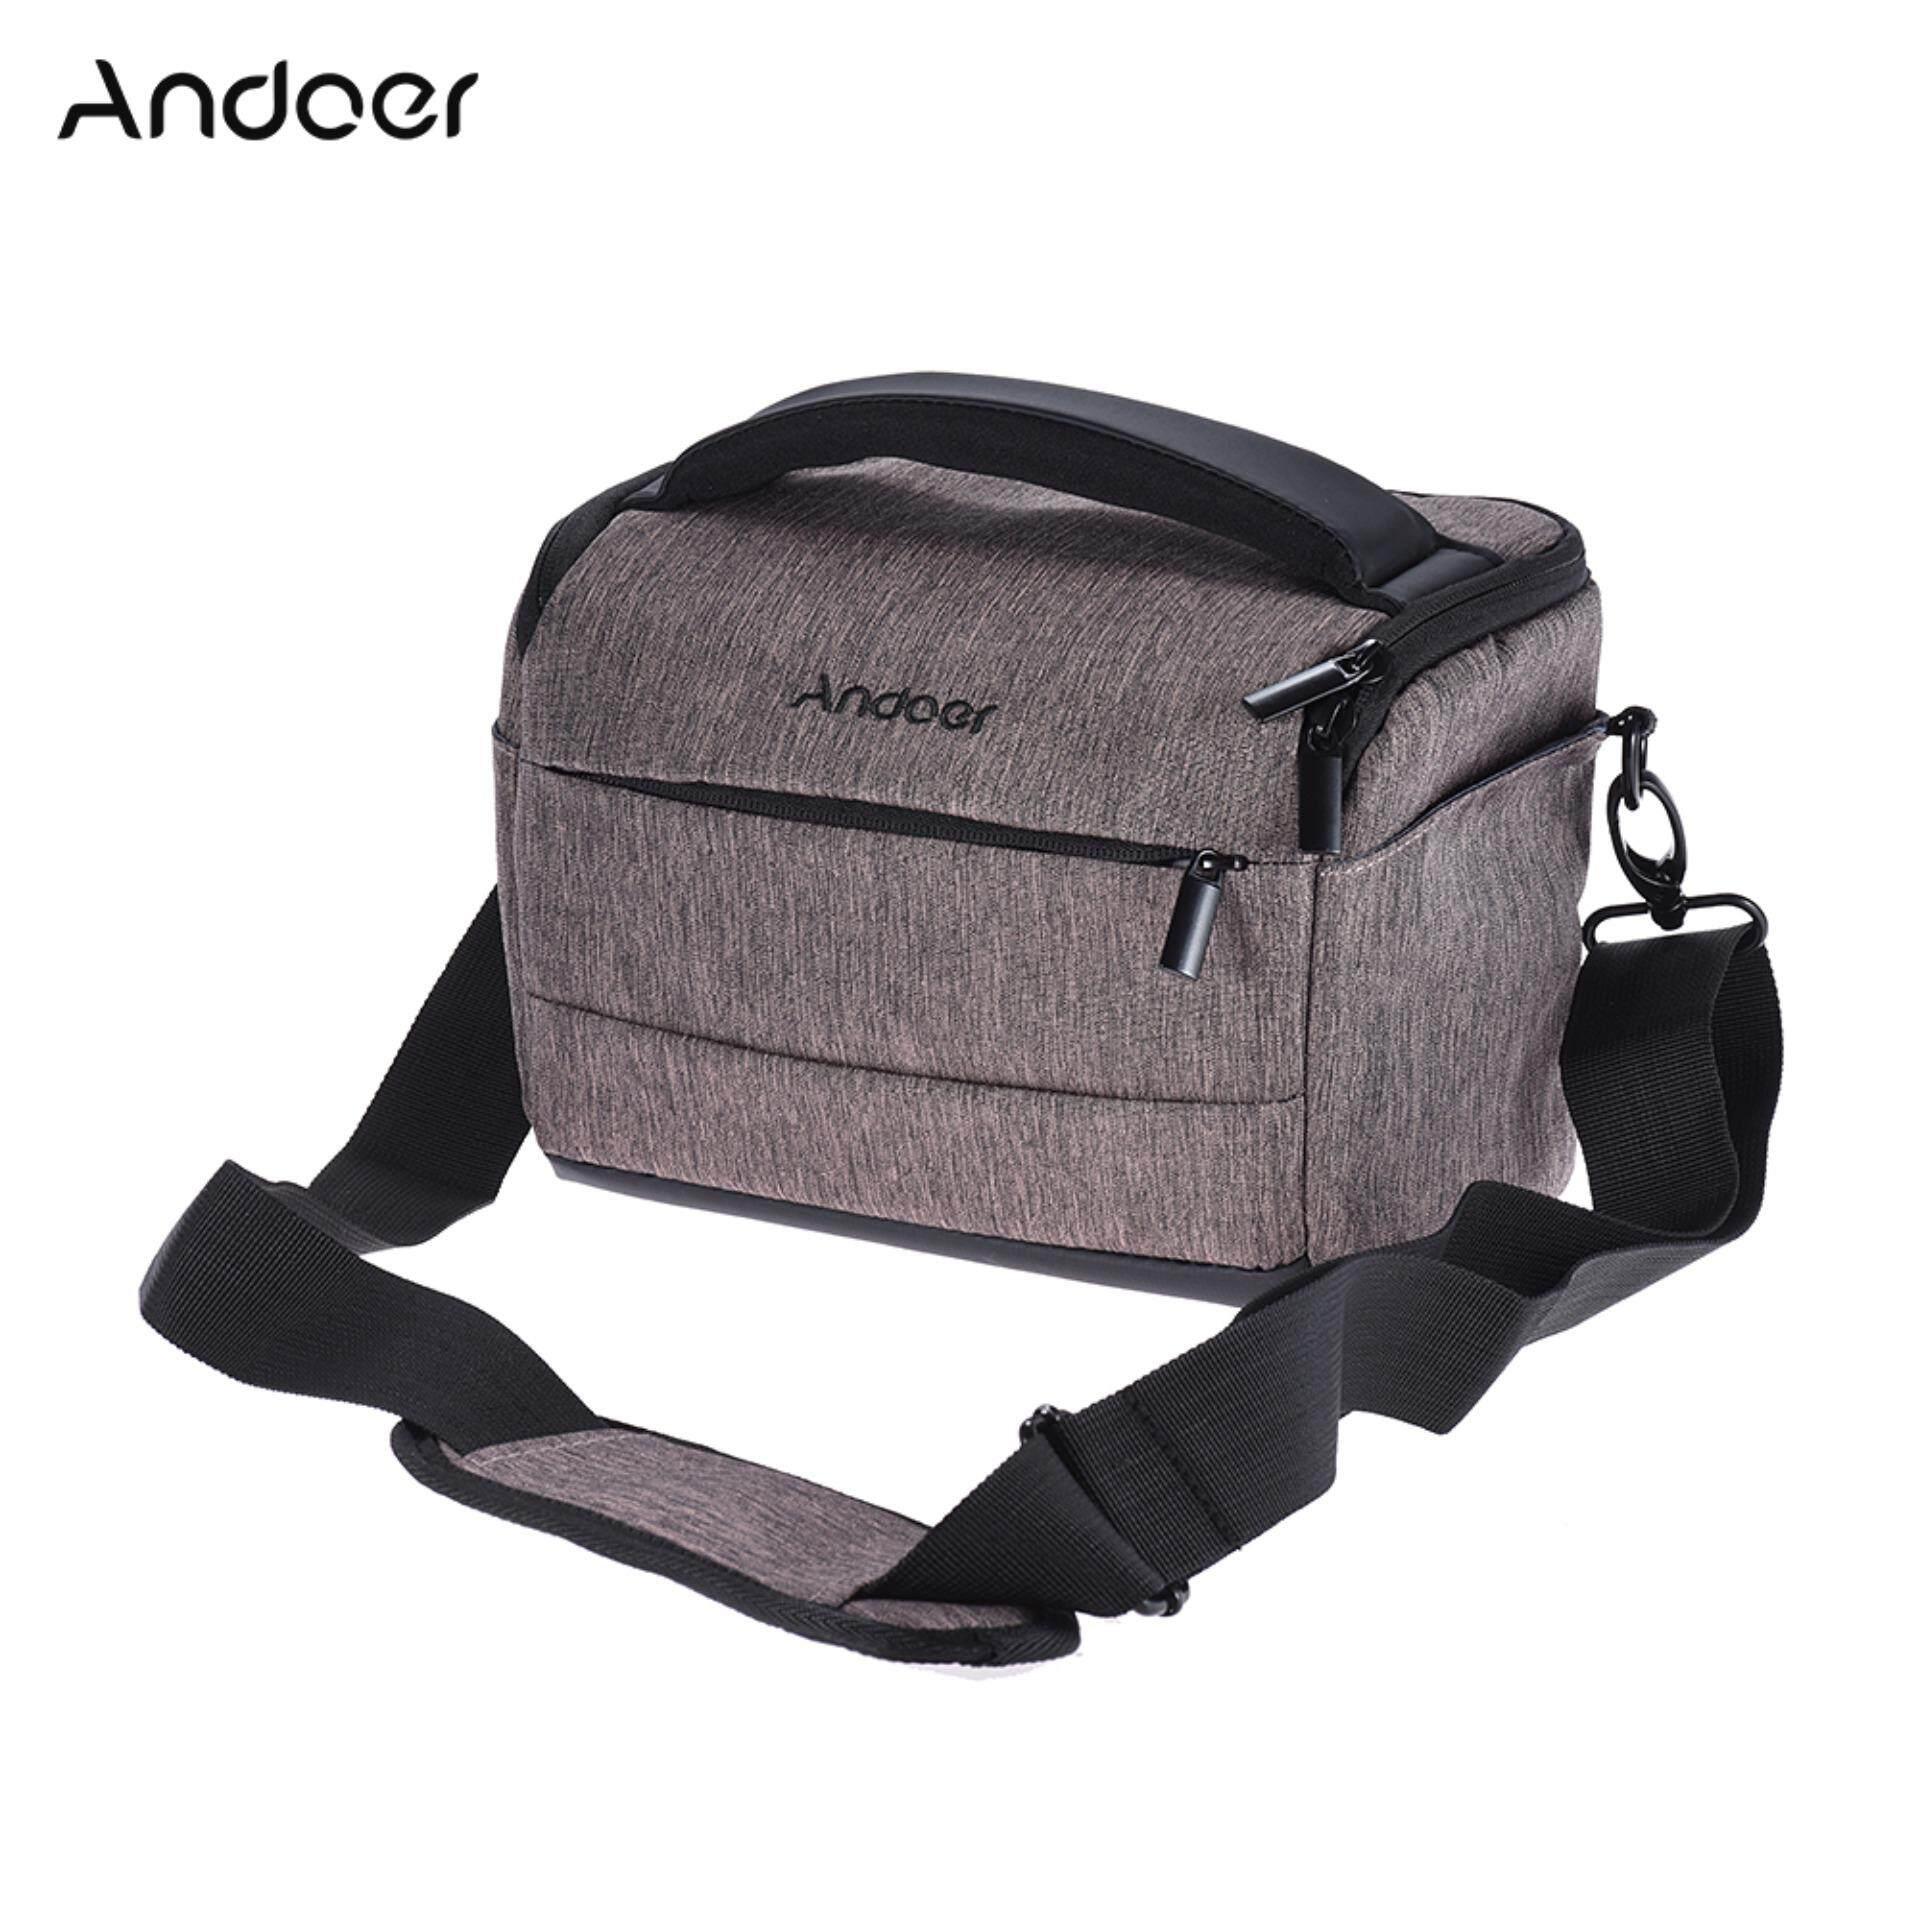 Andoer Cuboid-shaped DSLR Camera Shoulder Bag Portable Fashion Polyester Camera Case for 1 Camera